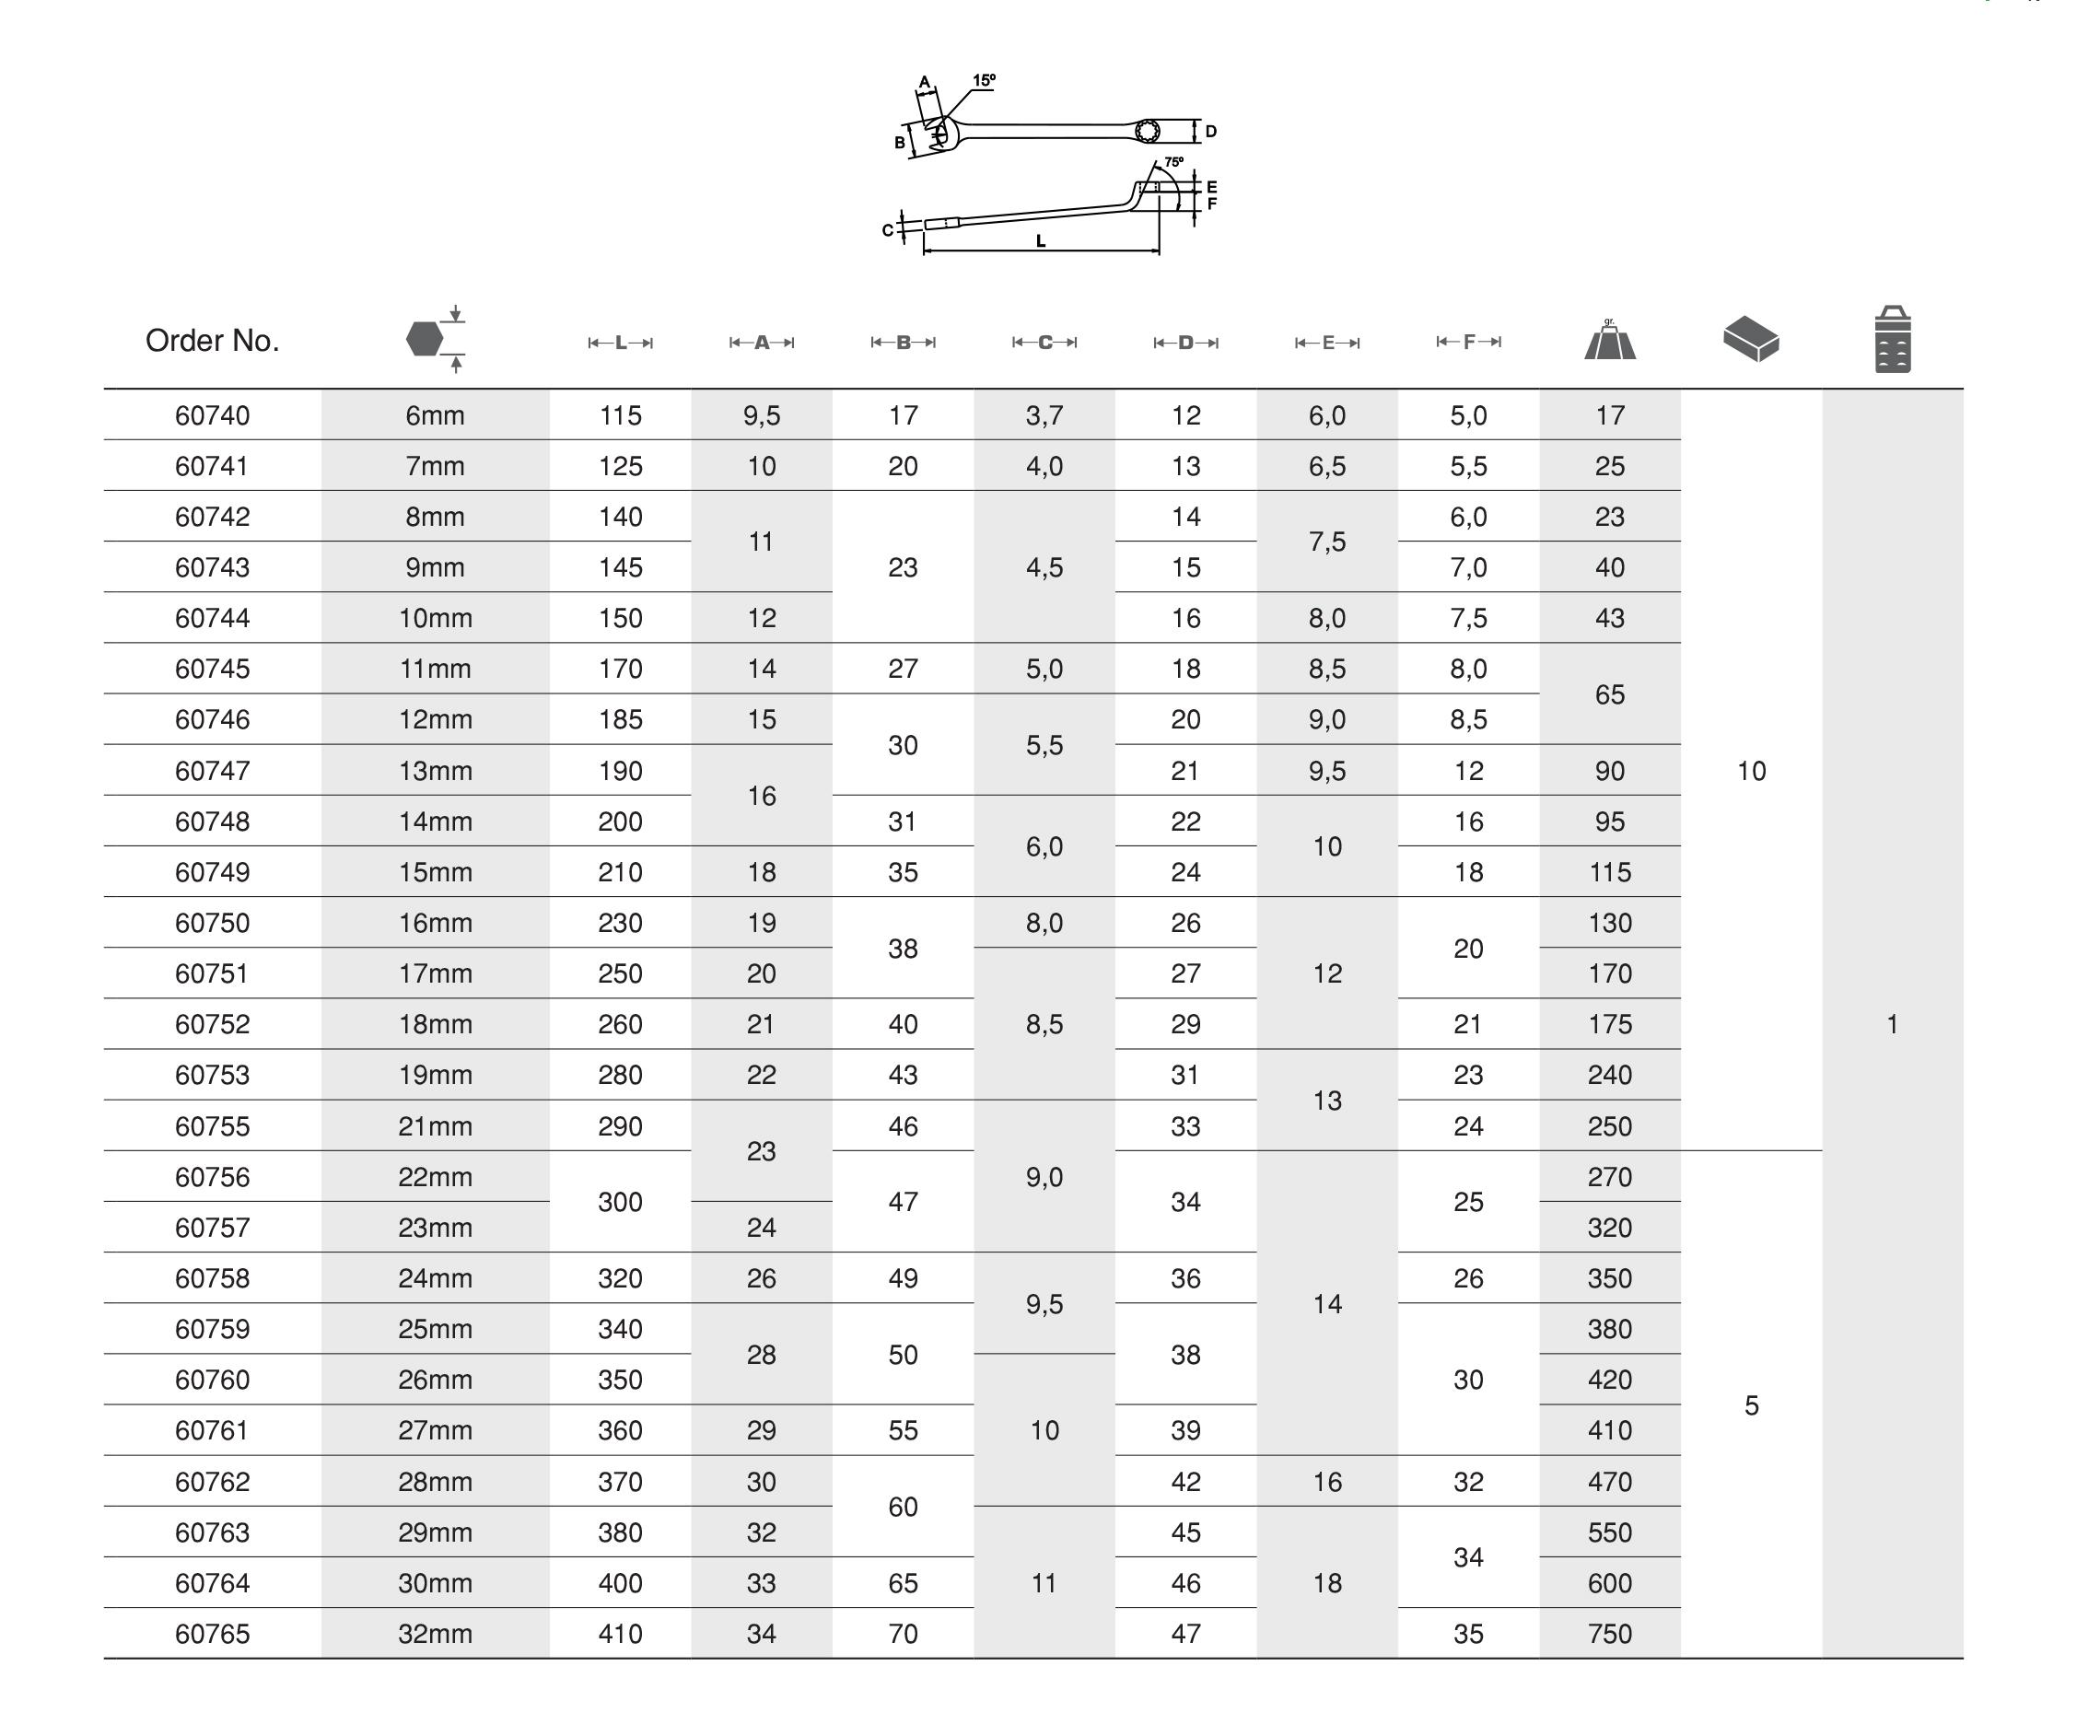 ประแจแหวนข้างปากตาย COMBINATION DEEP OFFSET SPANNER Table